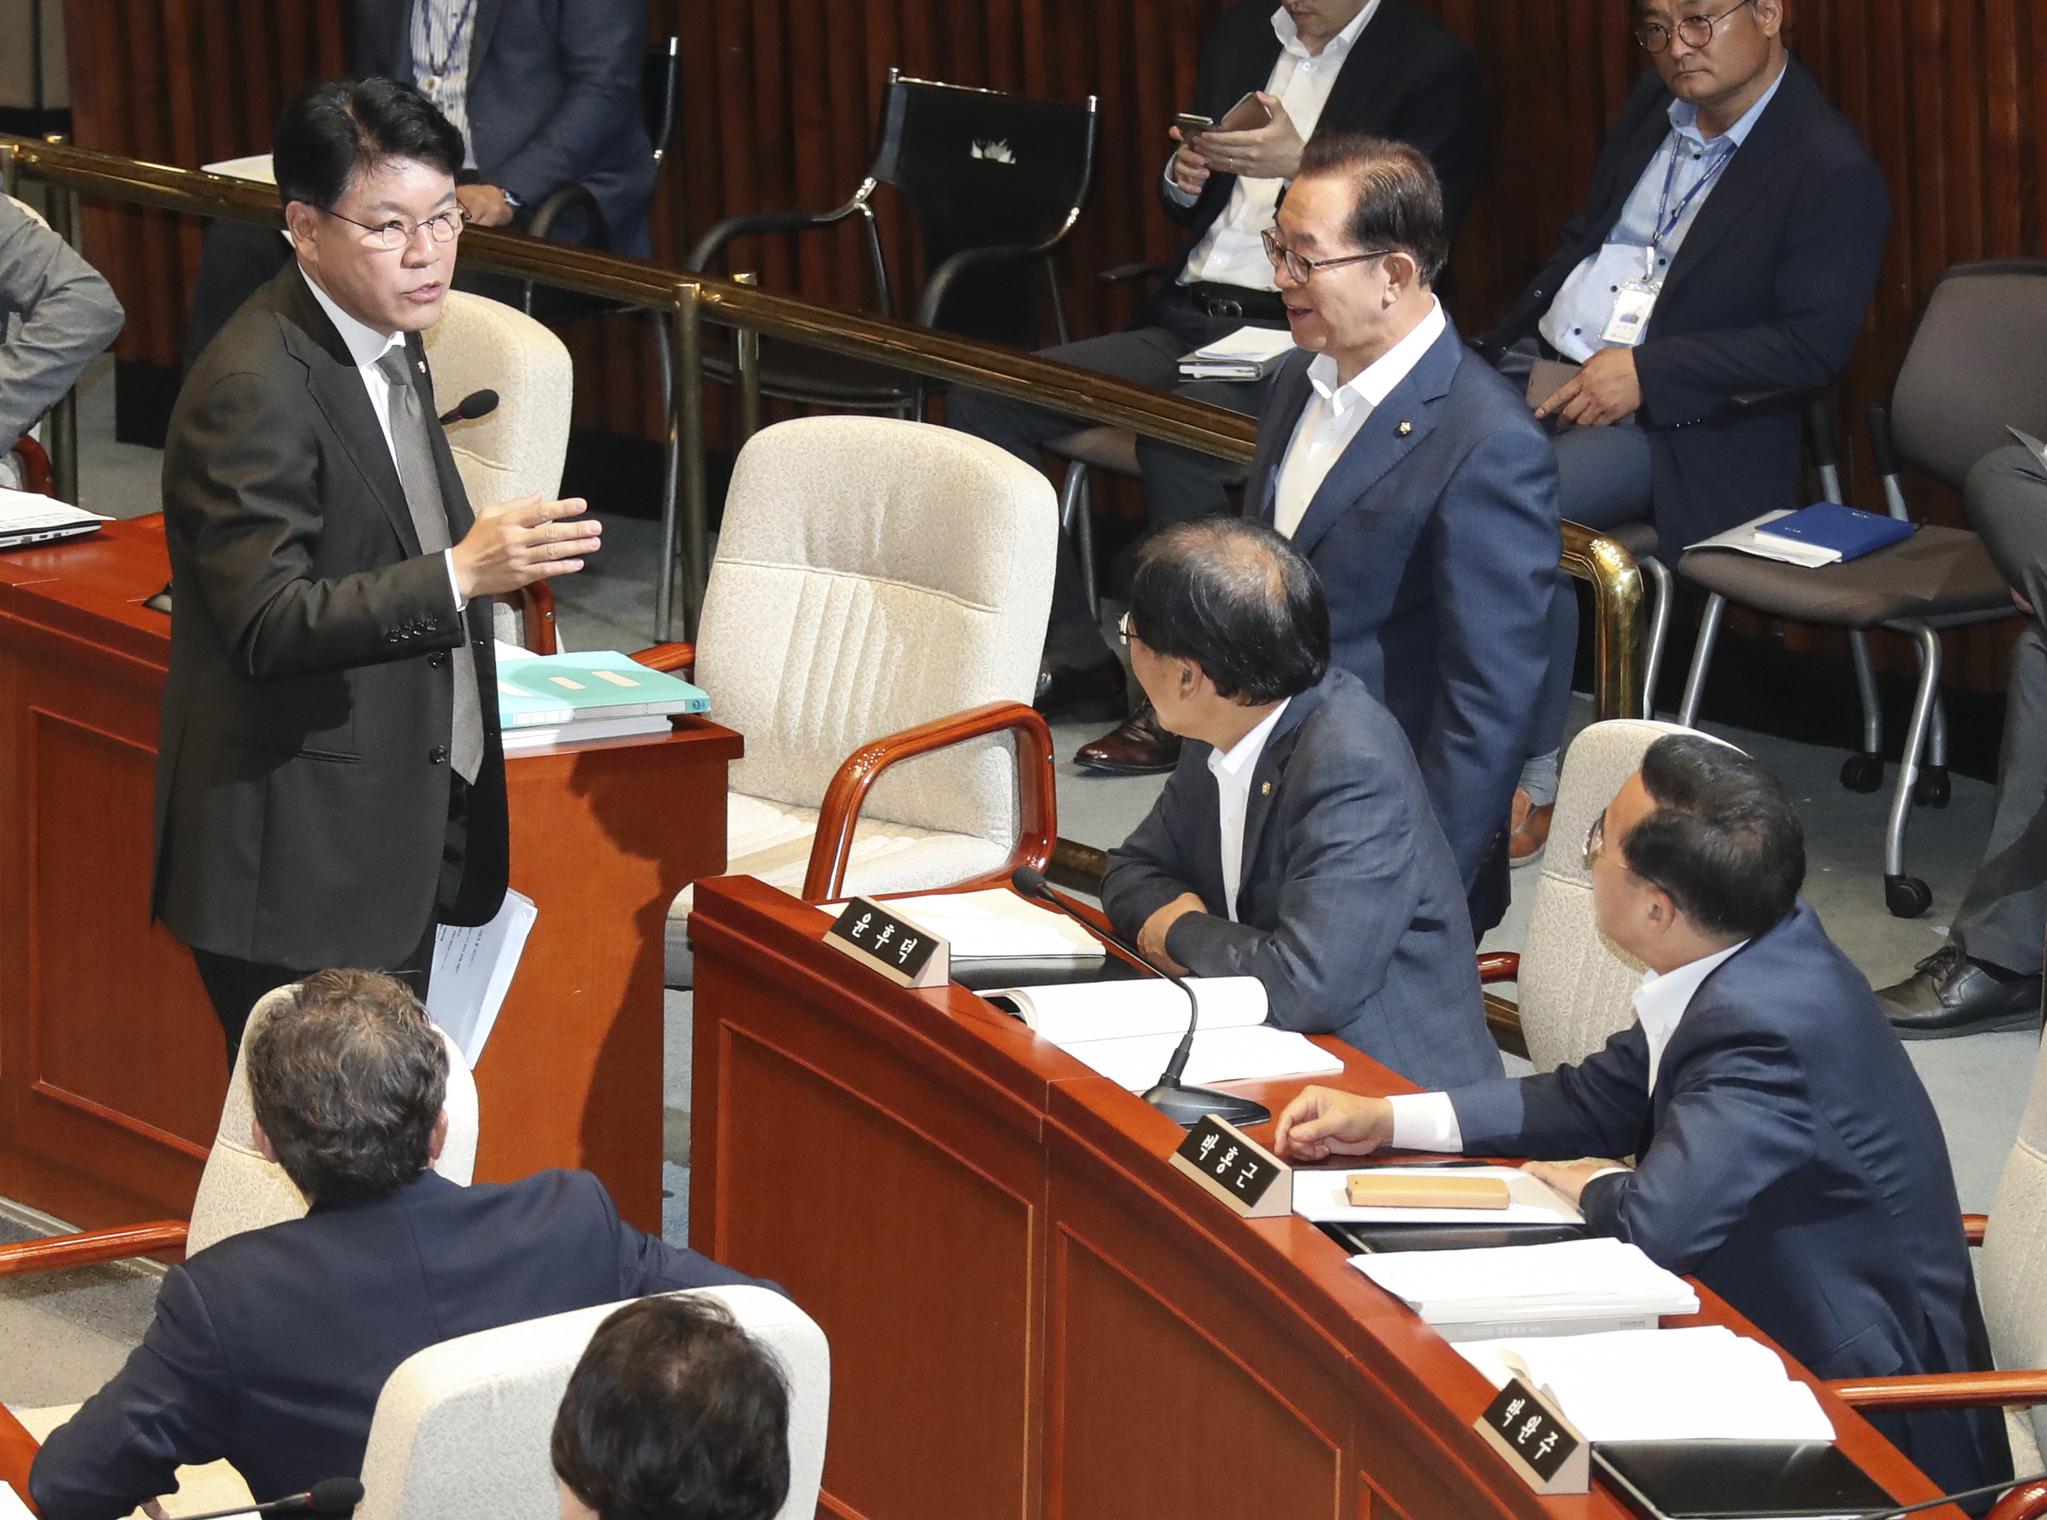 장제원 자유한국당 의원(왼쪽)이 회의장을 나가며 민주당 윤후덕 간사, 박홍근 의원(오른쪽)과 설전을 벌이고 있다.  임현동 기자